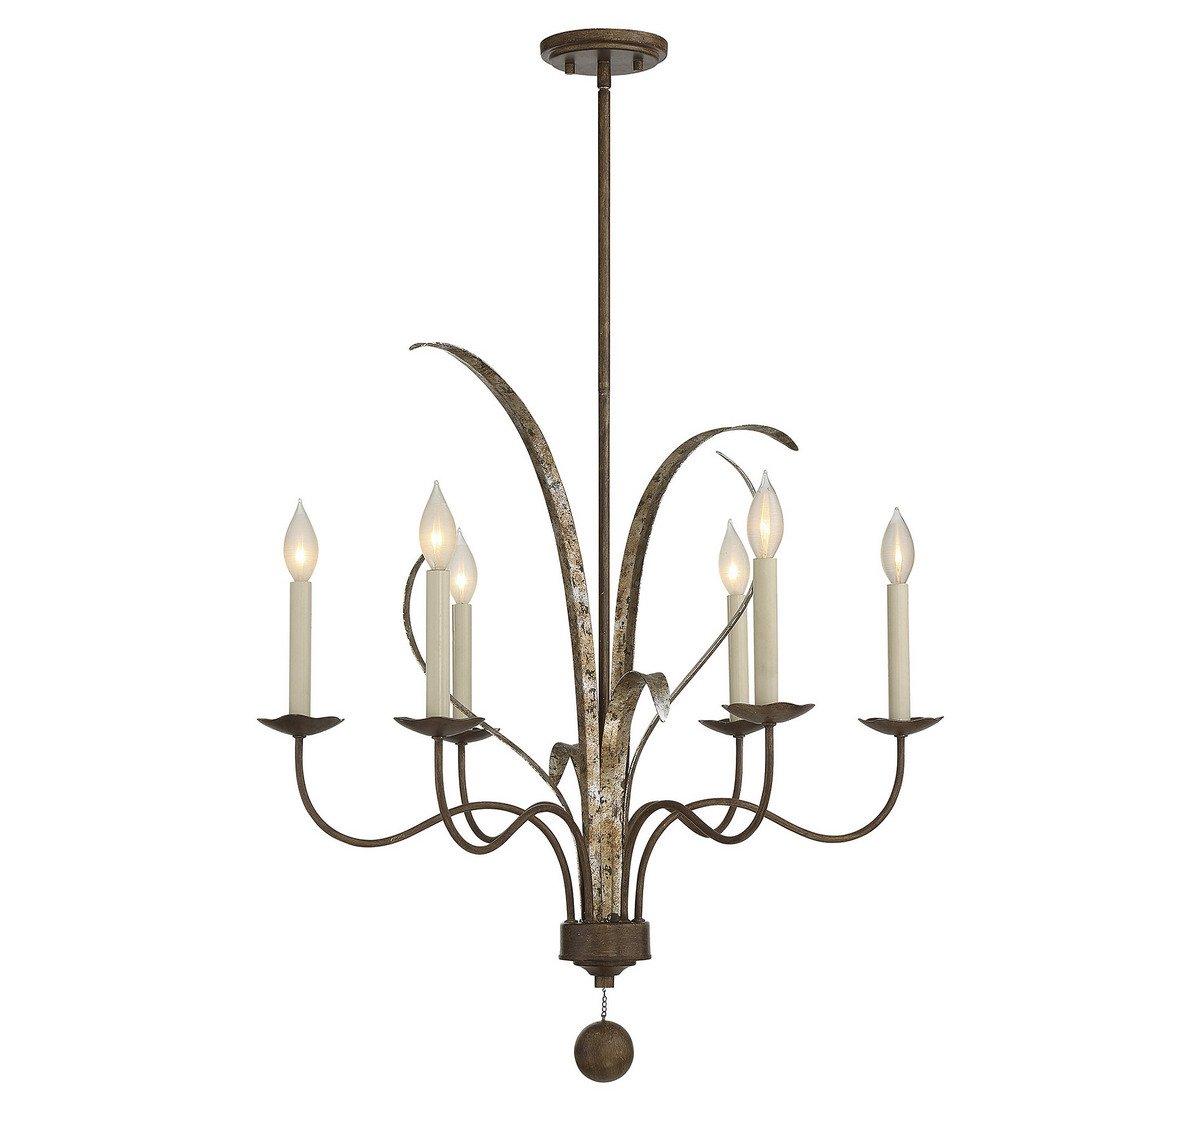 Savoy House 1-4020-6-124 Mandolin 6-Light Chandelier in Fiesta Bronze